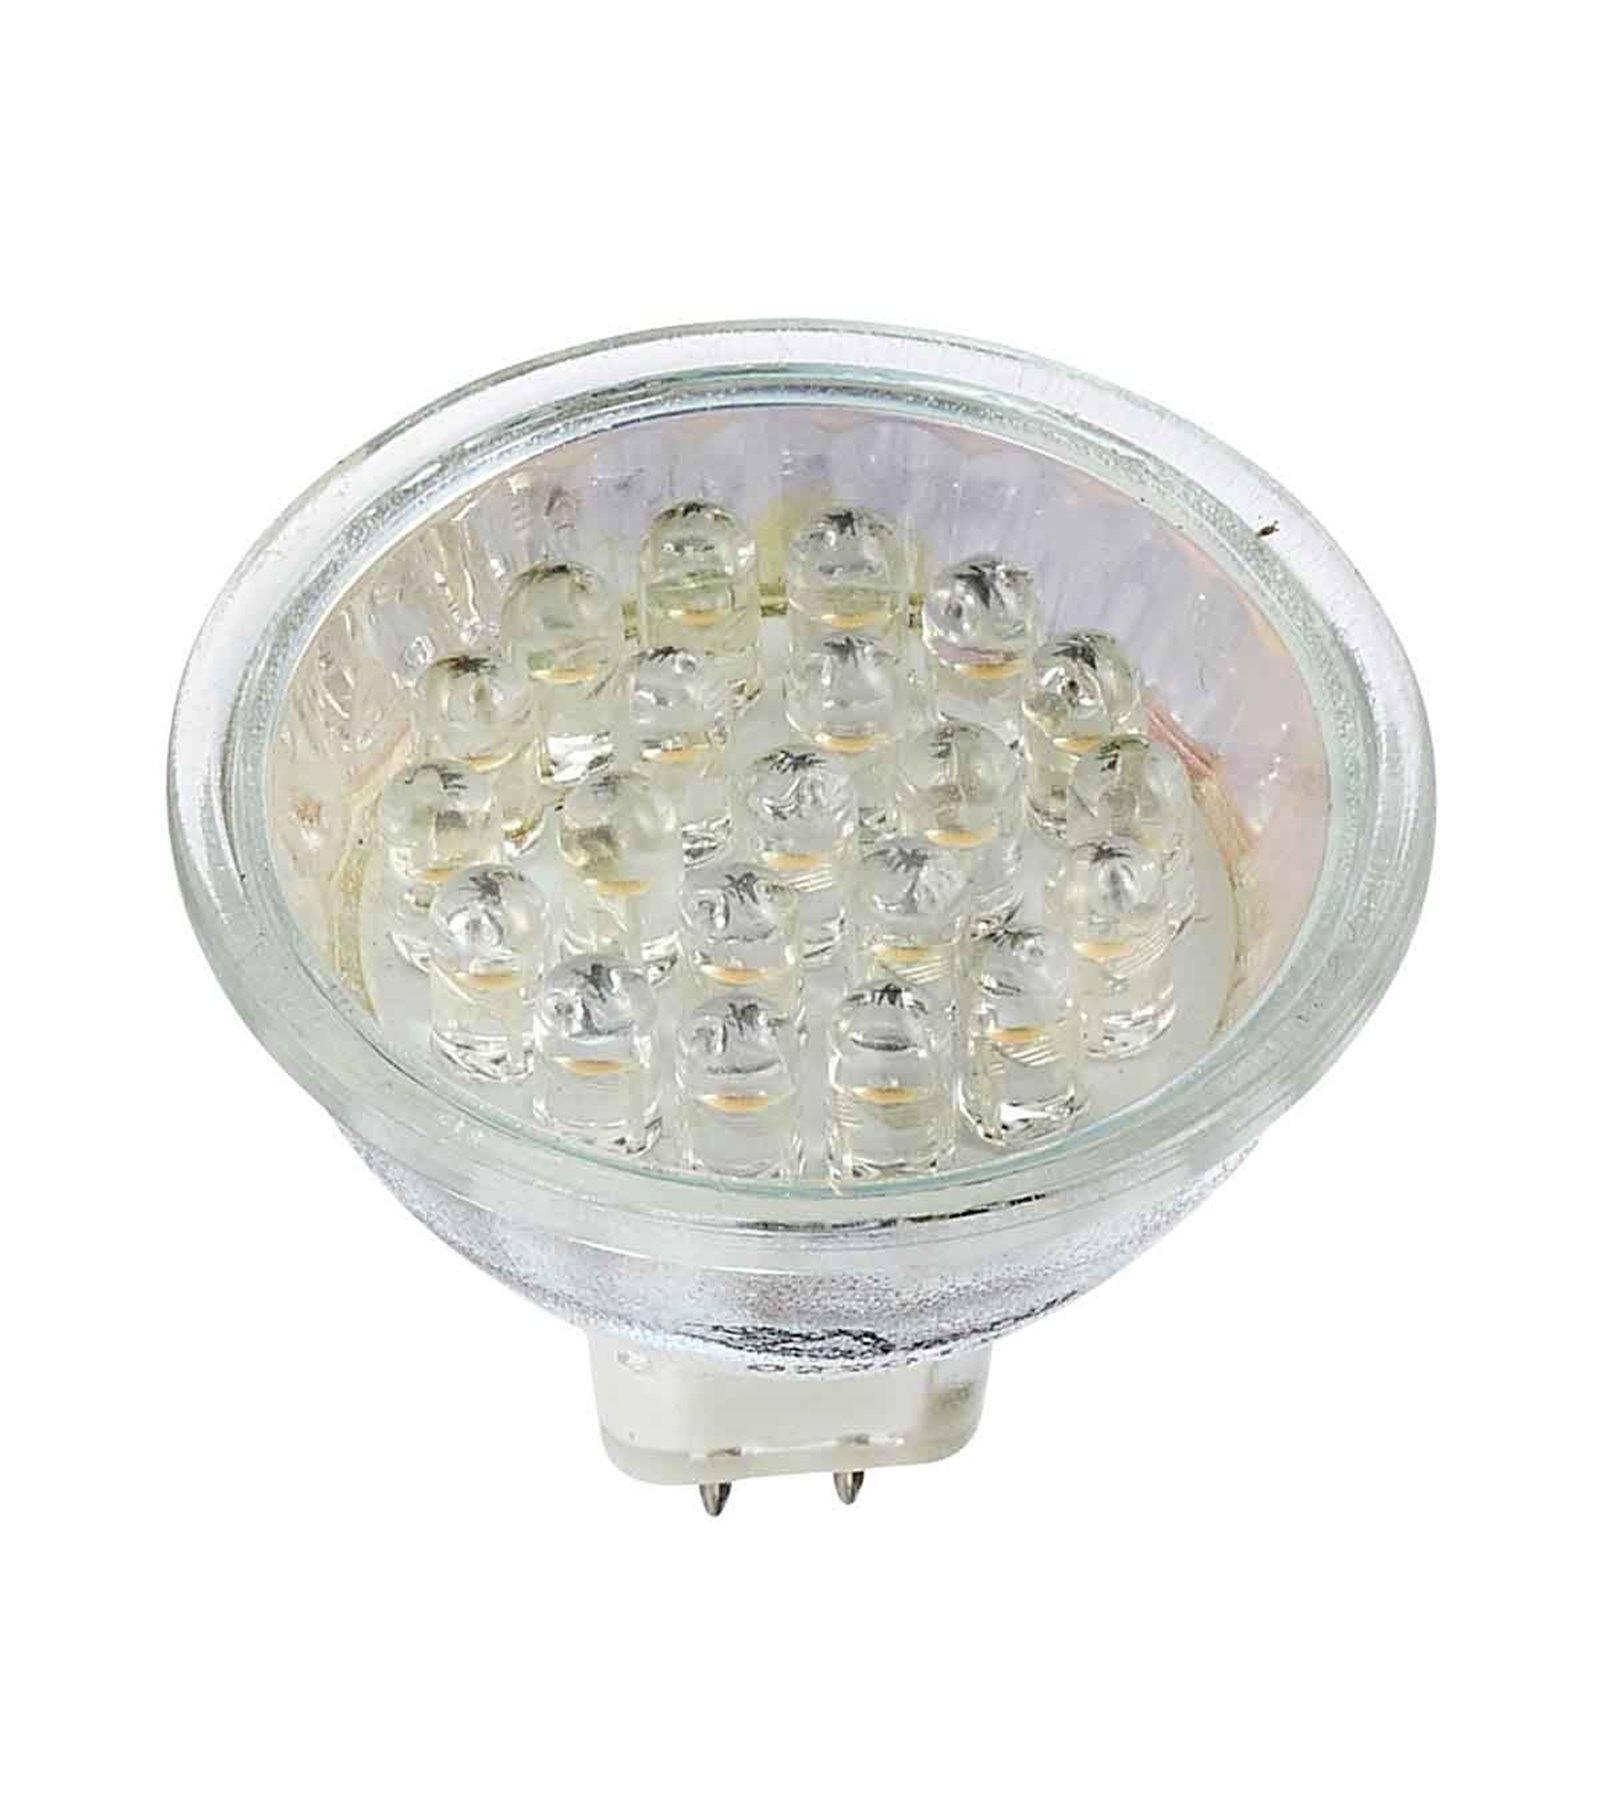 Nouvel Ampoule LED GU5.3 MR16 à 21 LEDs 1.3W 80Lm (équiv 9W) Blanc Froid 12V JX-21